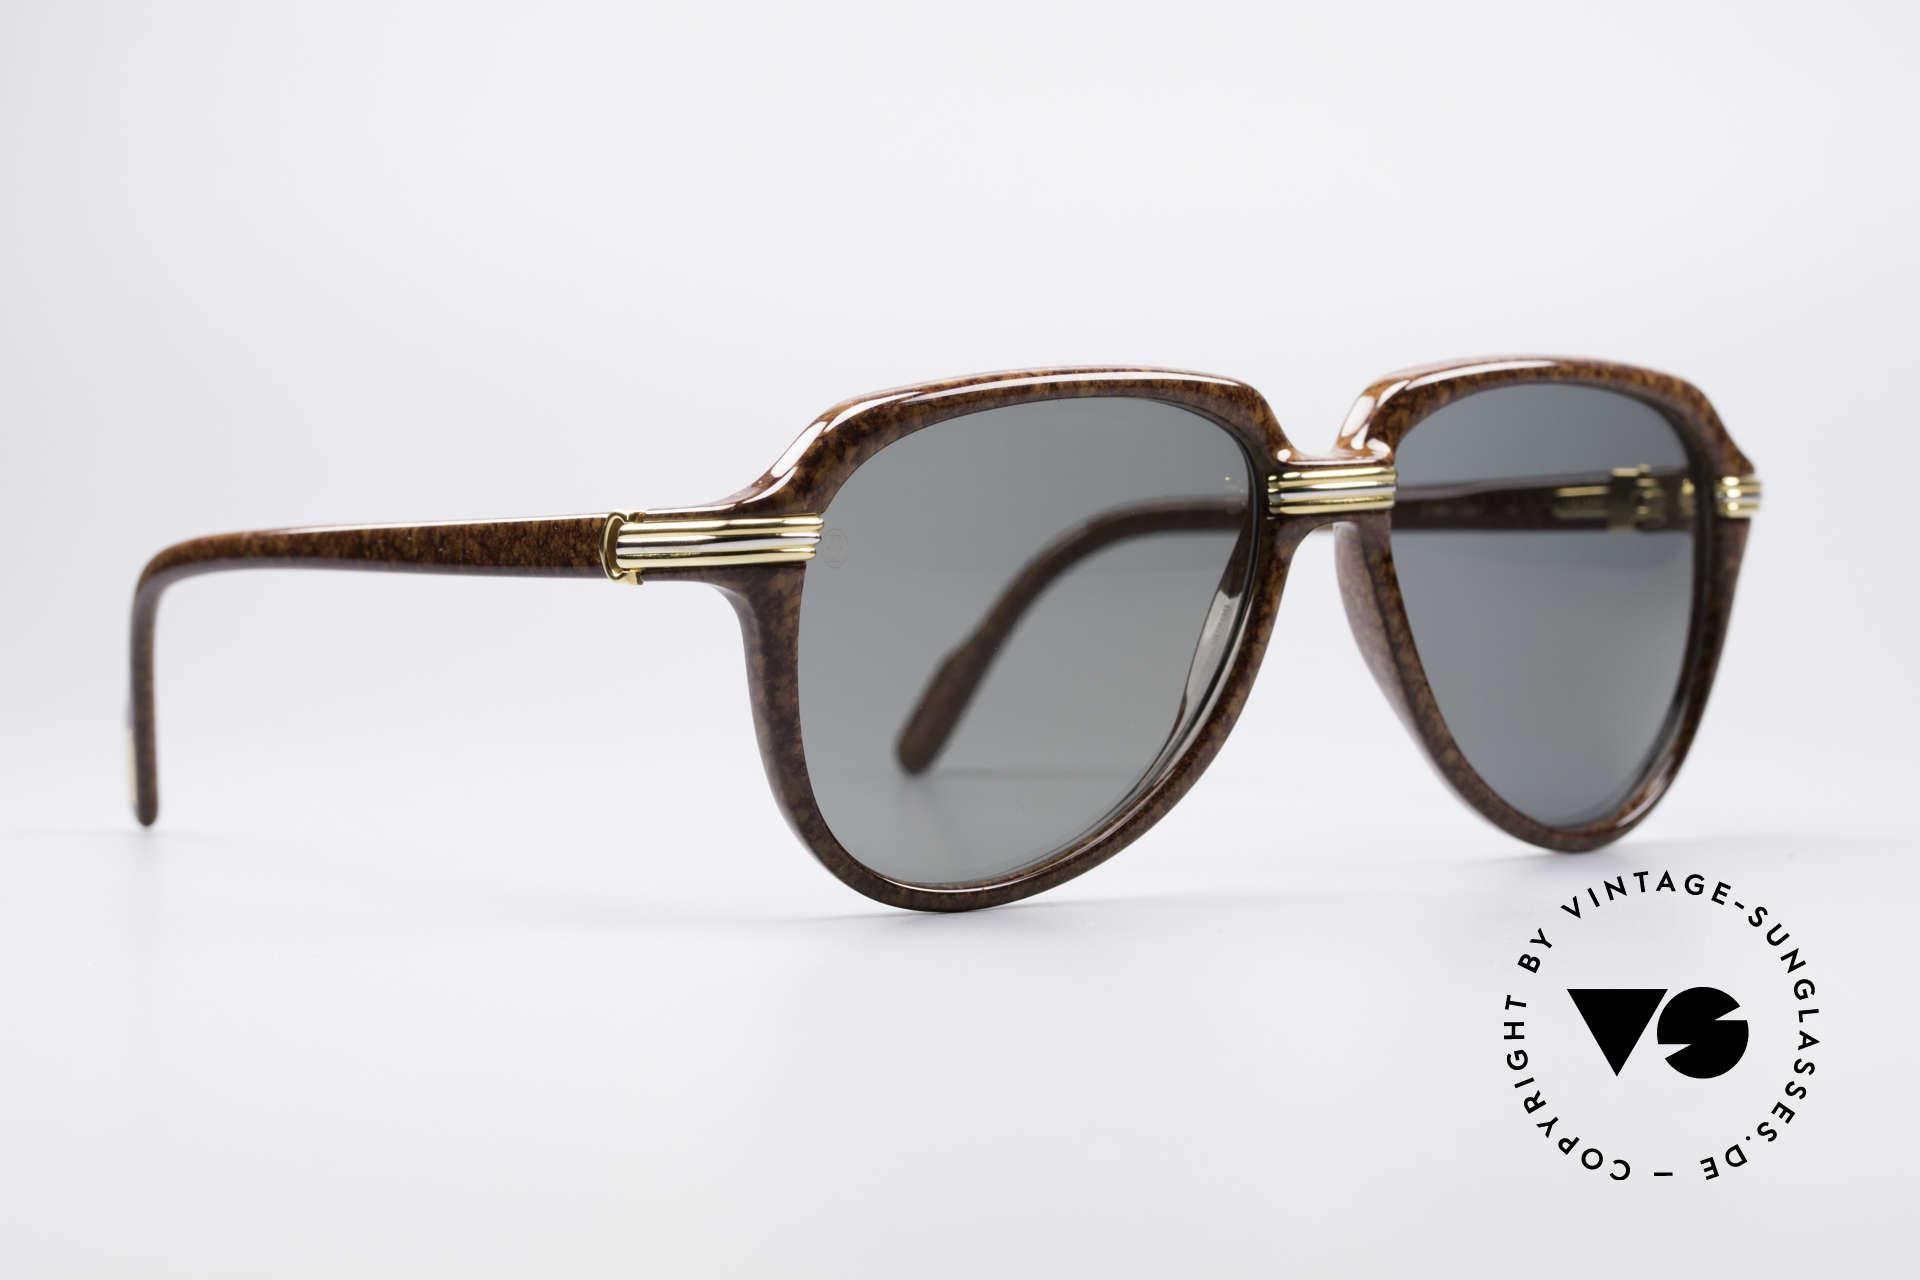 Cartier Vitesse - L Luxury Aviator Shades, high-end original lenses with CARTIER logo (100% UV), Made for Men